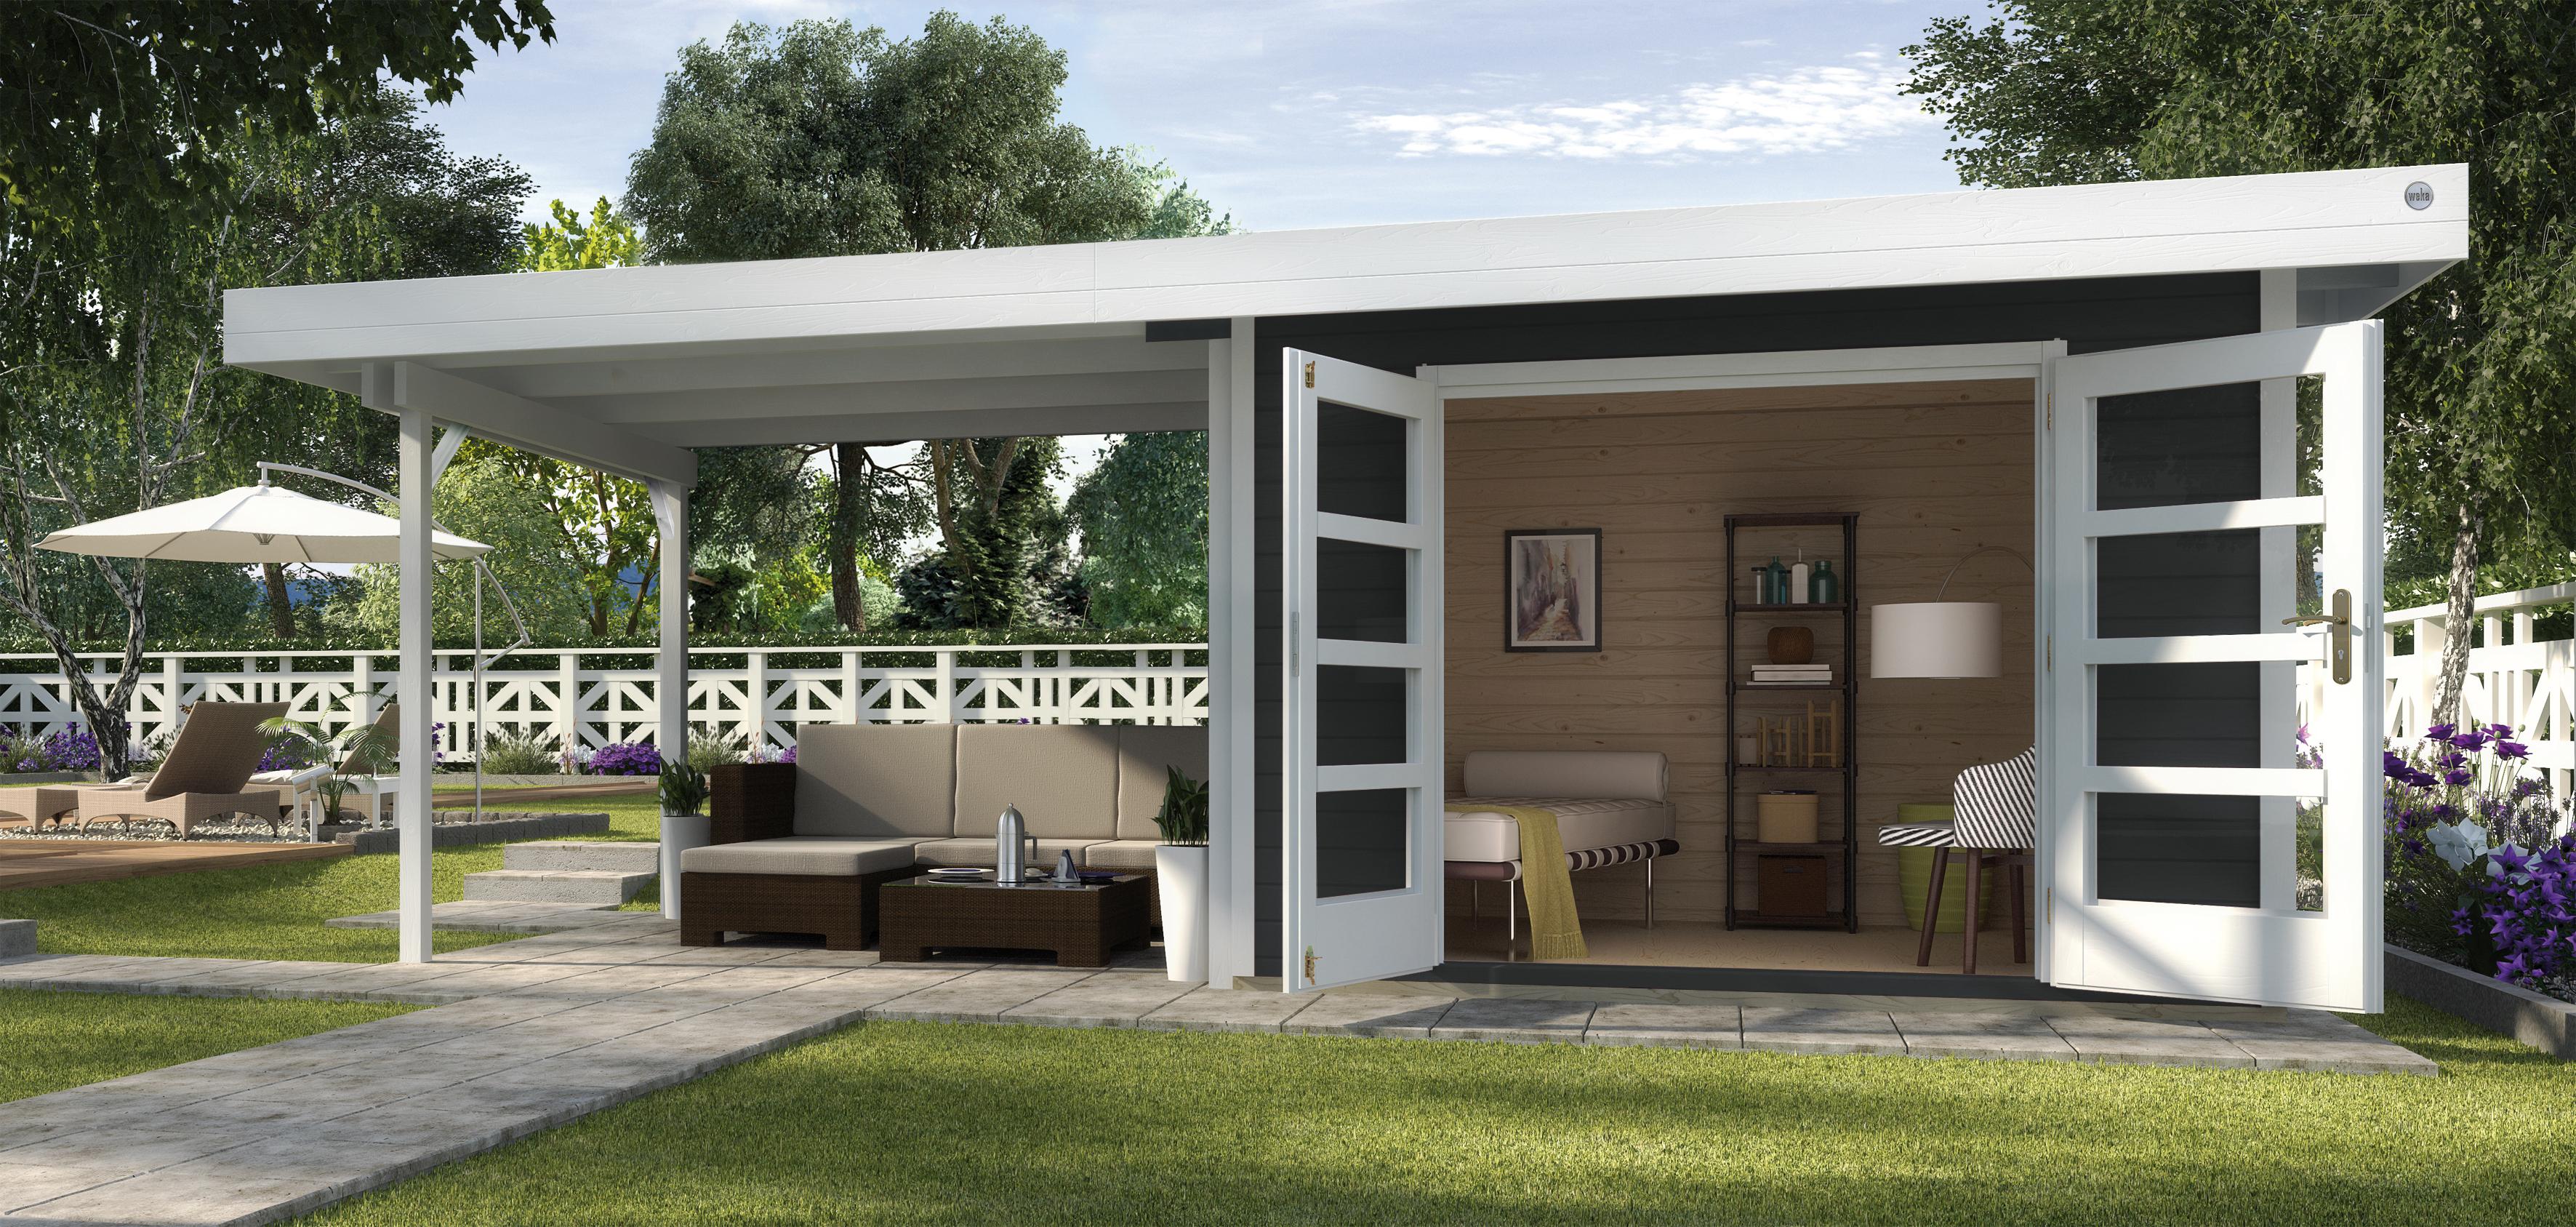 Abri De Jardin Design Toit Plat Avec Auvent - Abri Bois De 10 À 15 M² Nea  Concept à Abri De Jardin Toit Plat